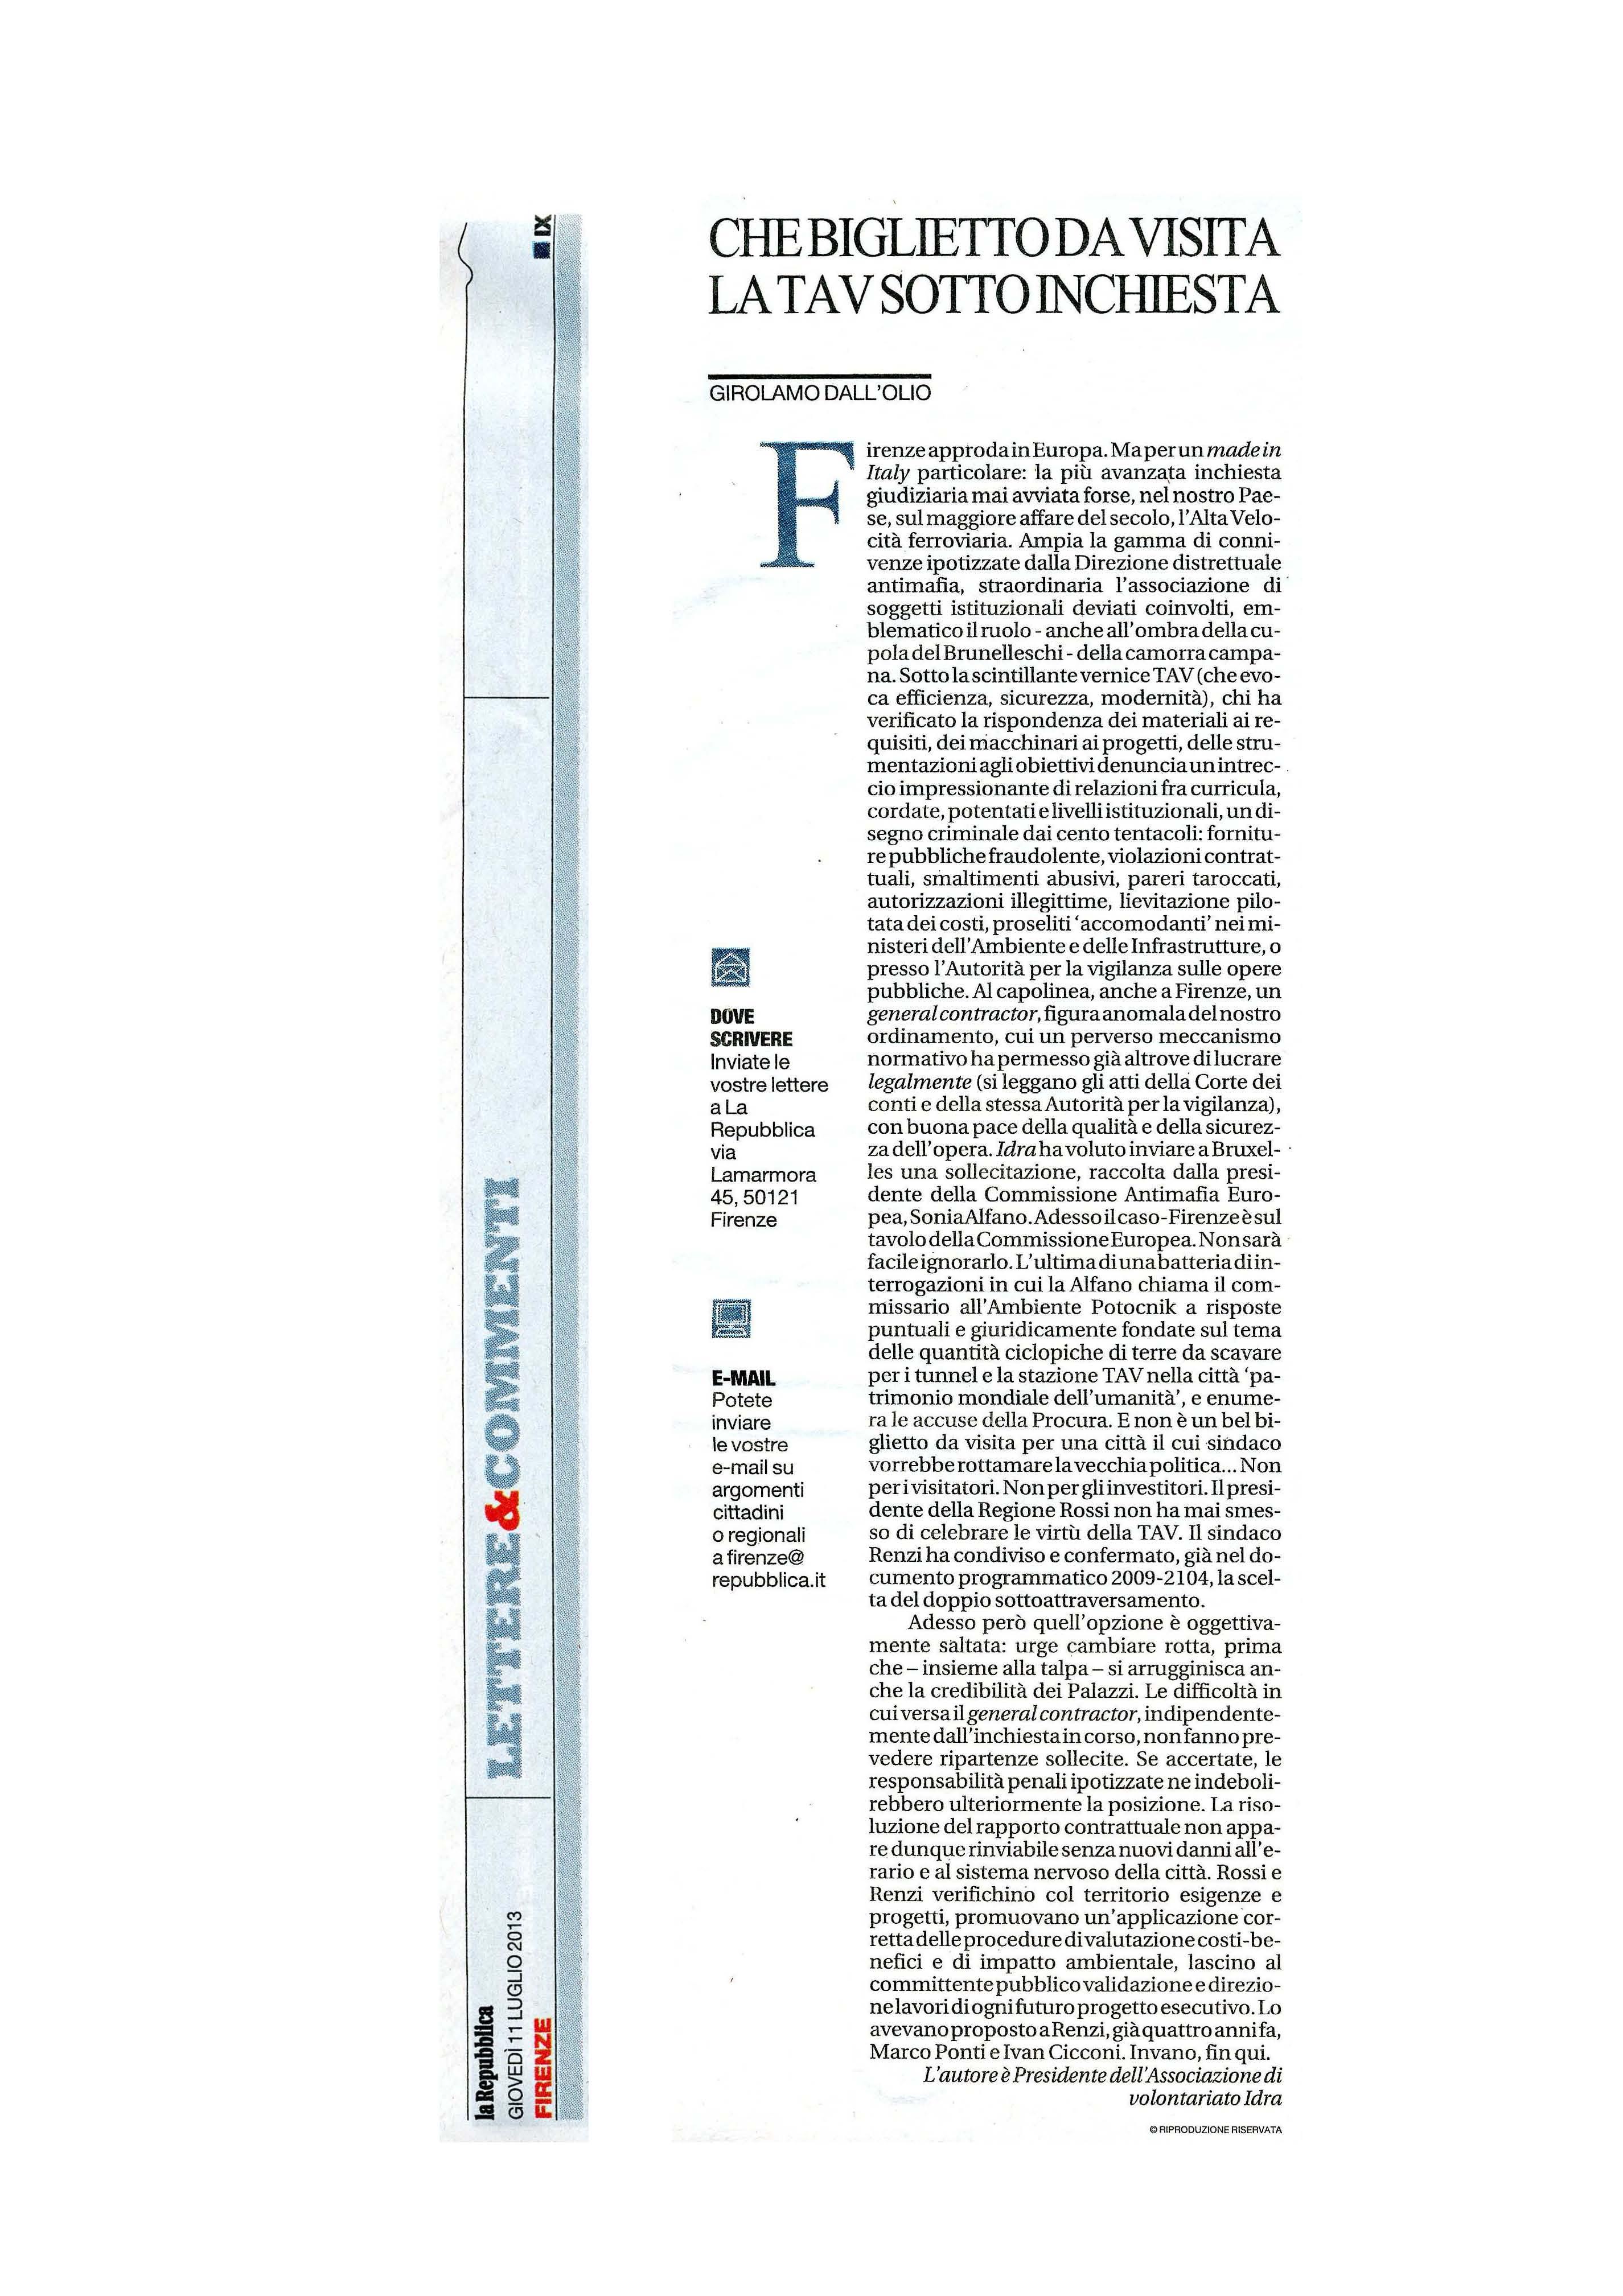 la Repubblica, Firenze, 11.7.'13, Che biglietto da visita la TAV sotto inchiesta, r